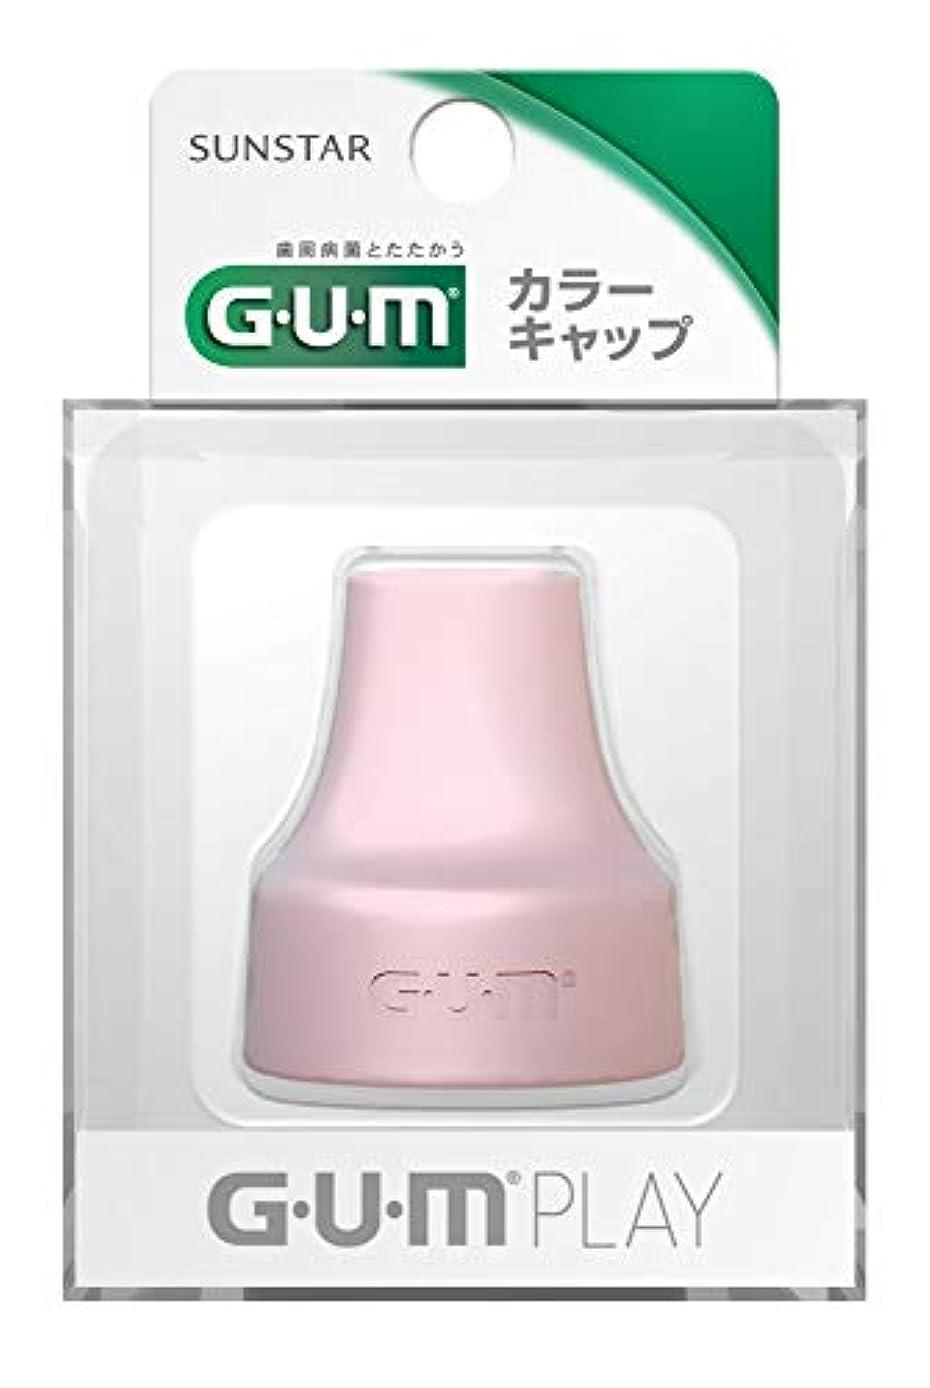 規制するボランティア潜在的なGUM PLAY (ガム プレイ) スマホ連動歯ブラシ 専用カラーキャップ ブルームピンク